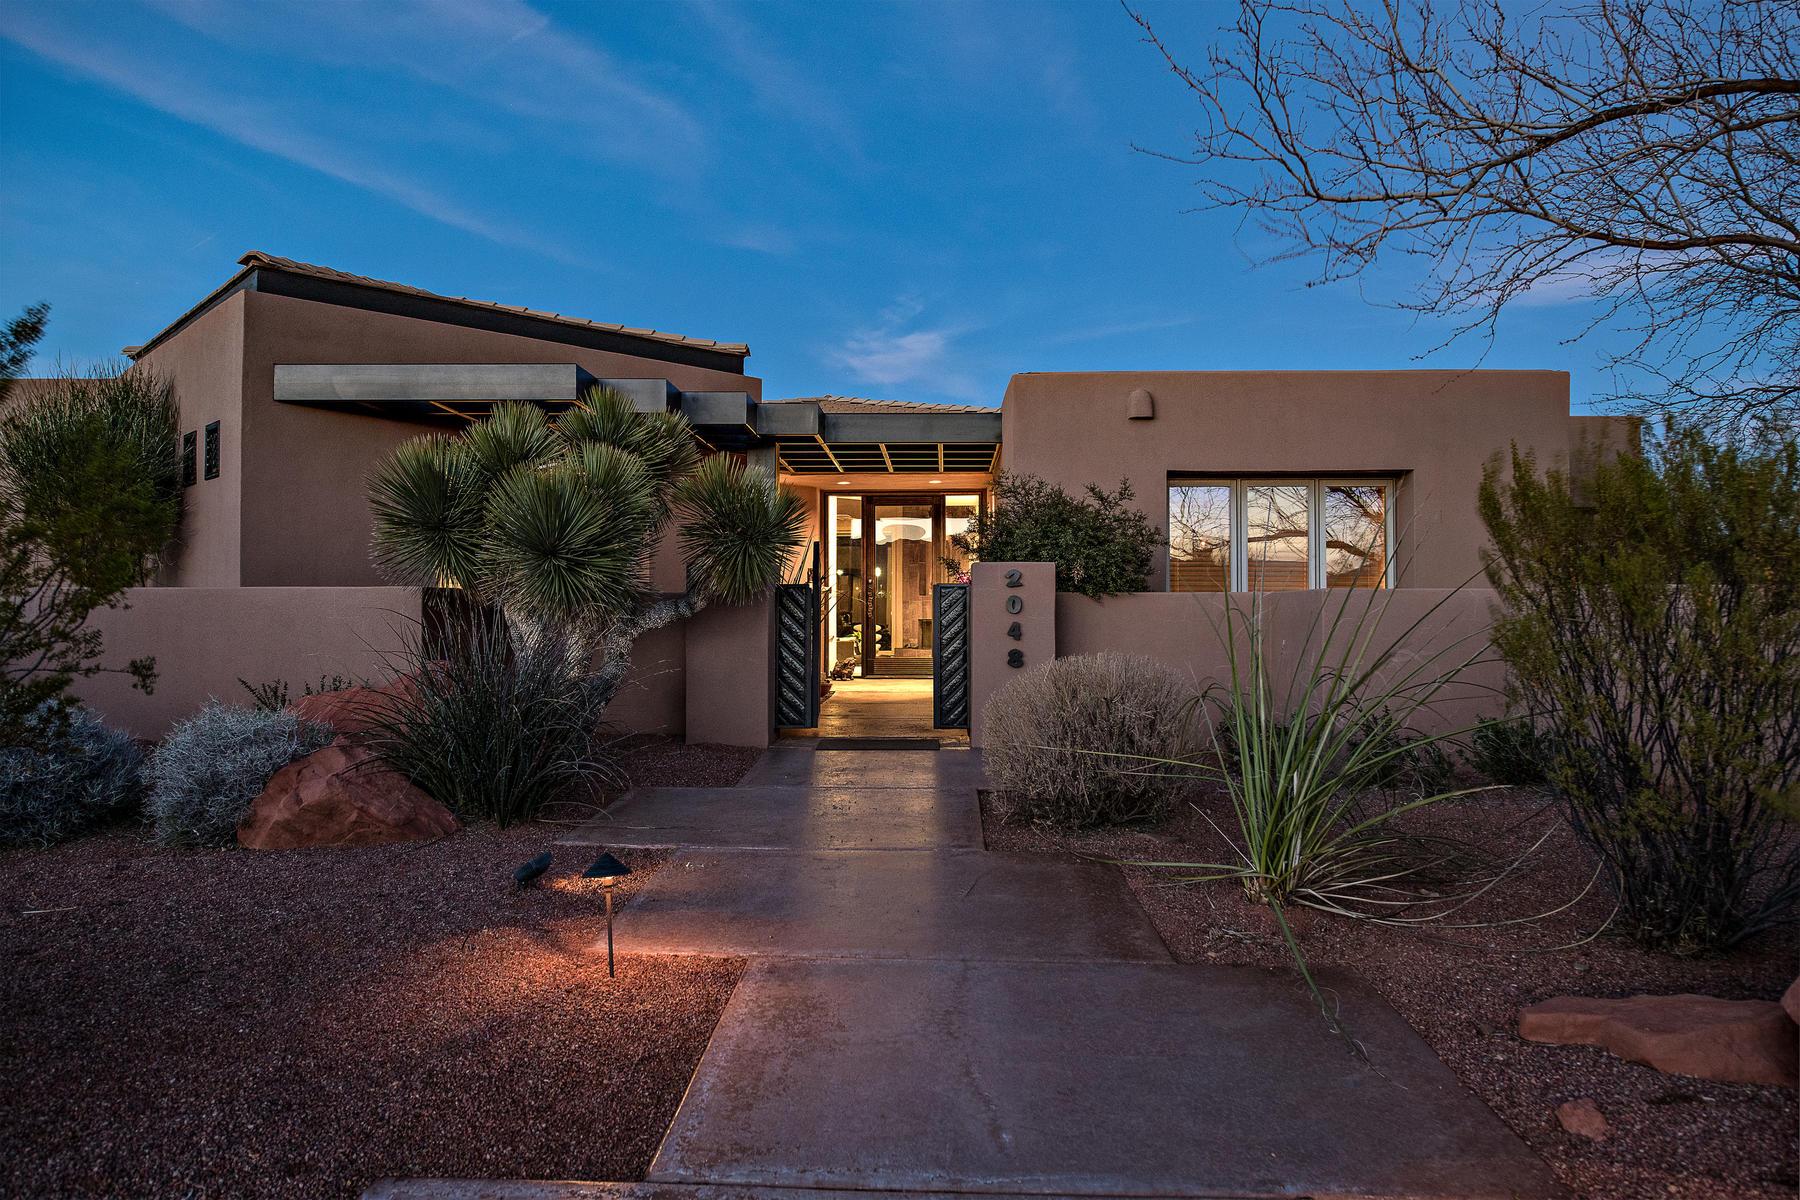 Maison unifamiliale pour l Vente à Elements of Nature 2048 Chettro Trail, St. George, Utah, 84770 États-Unis